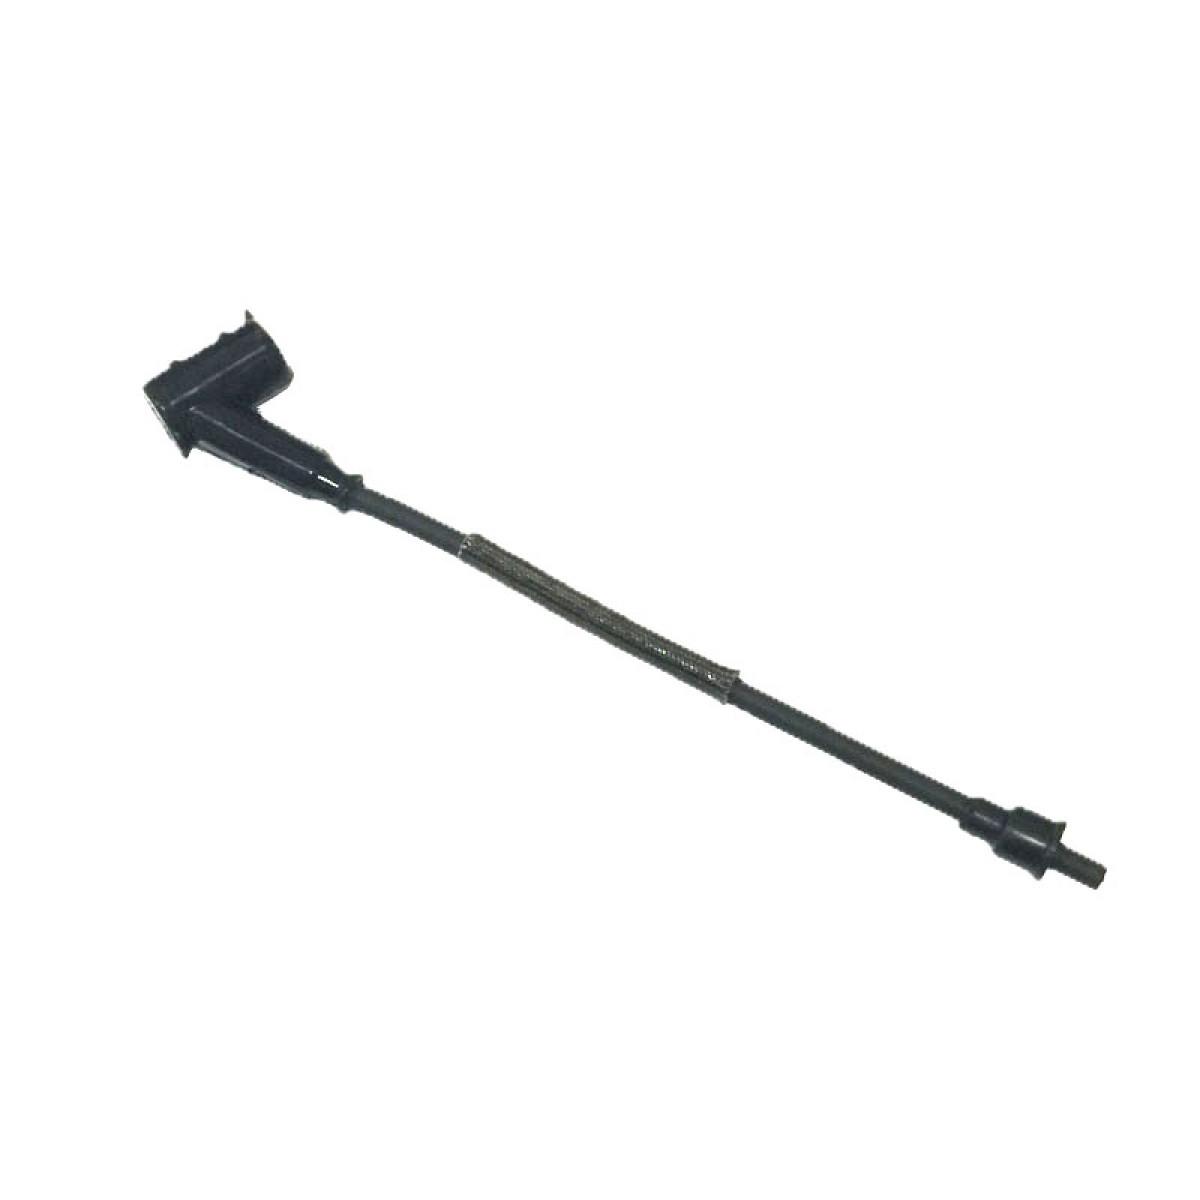 Kompletná kabeláž zapaľovania Stihl MS360 MS260 MS440 MS660 (1128 405 1000, 0000 405 0600)